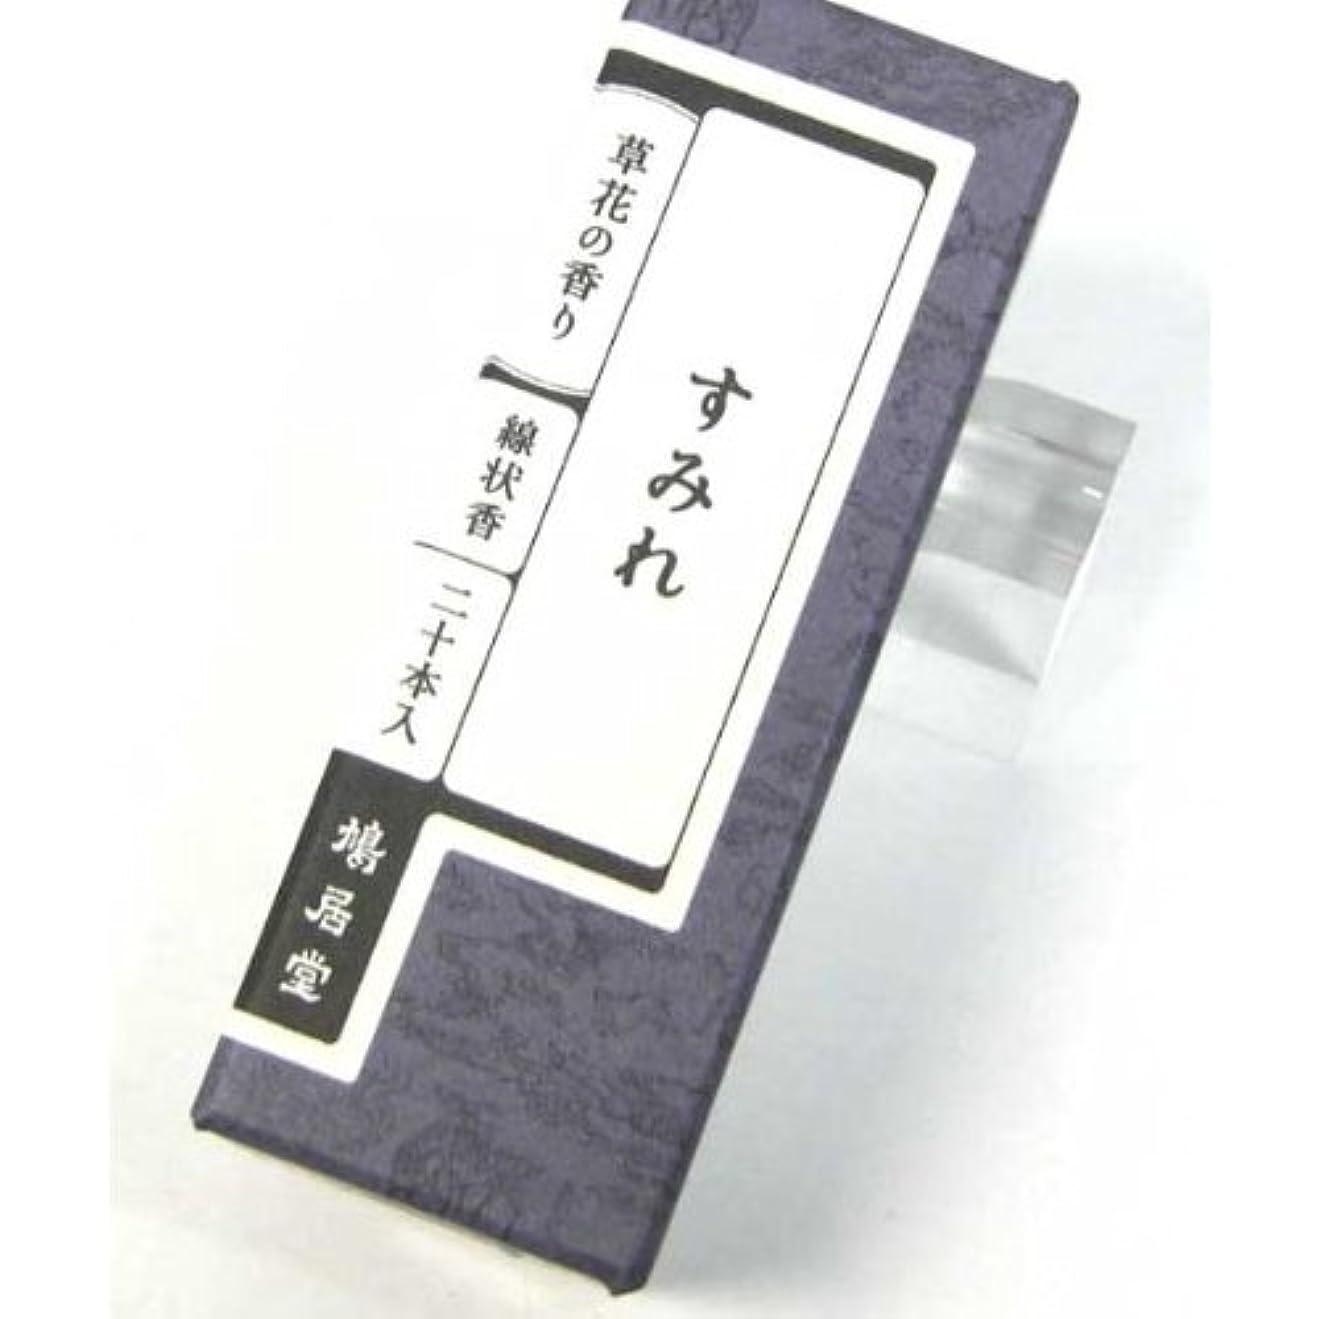 芝生茎人口鳩居堂 お香 すみれ/菫 草花の香りシリーズ スティックタイプ(棒状香)20本いり